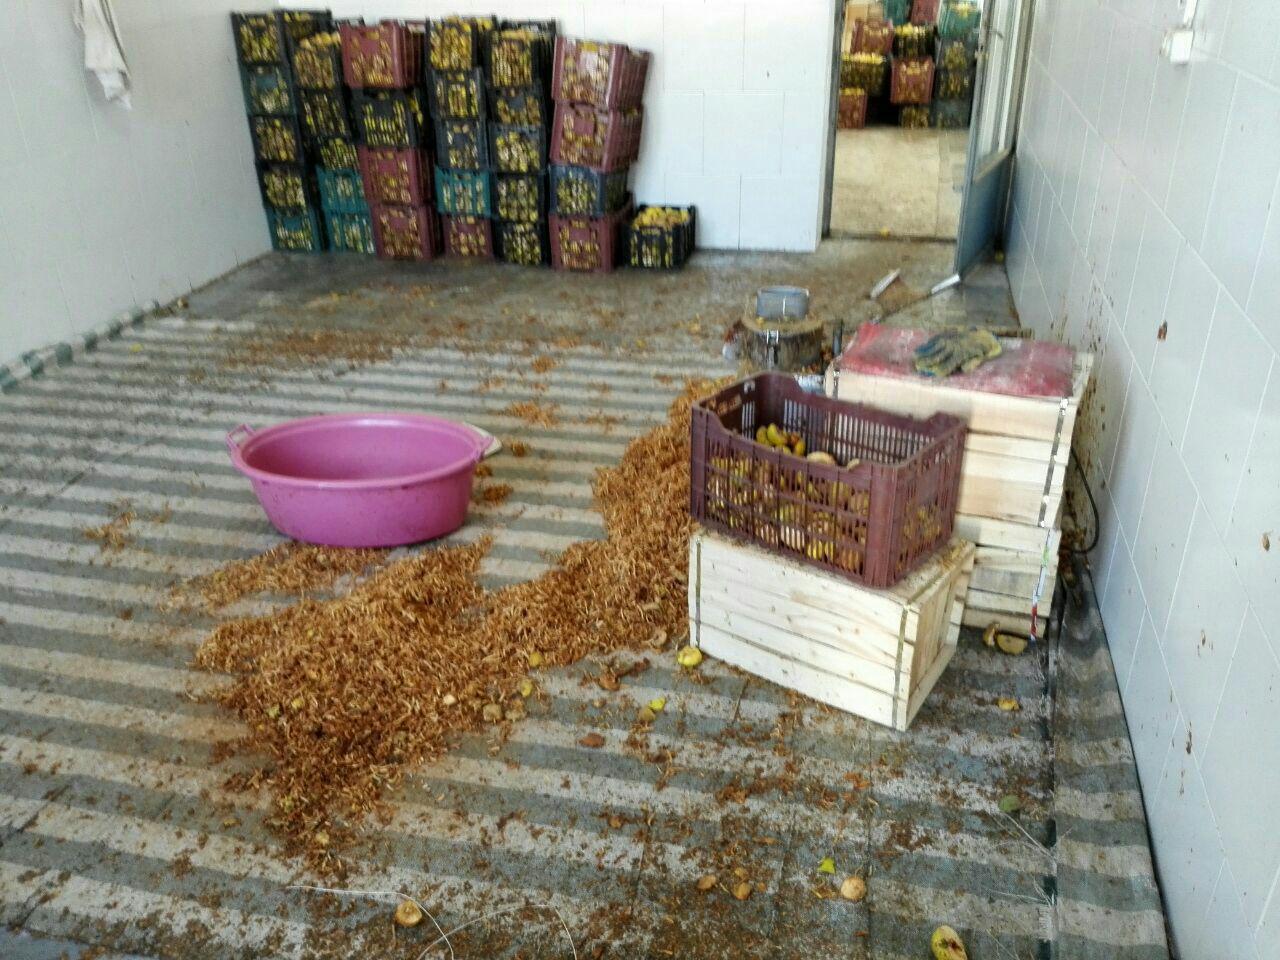 پلمپ کارگاه چای «به» در نجف آباد پلمپ کارگاه چای «به» در نجف آباد پلمپ کارگاه چای «به» در نجف آباد